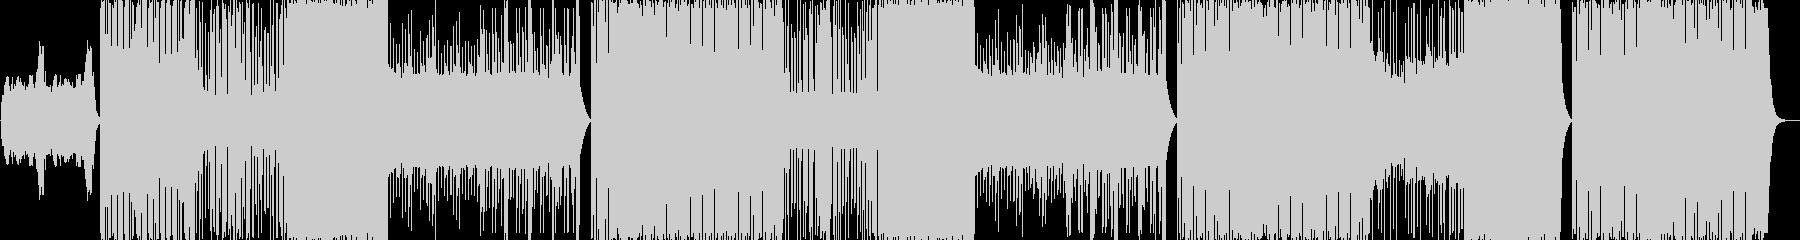 ヒップホップ/クランク/三味線/和#1の未再生の波形